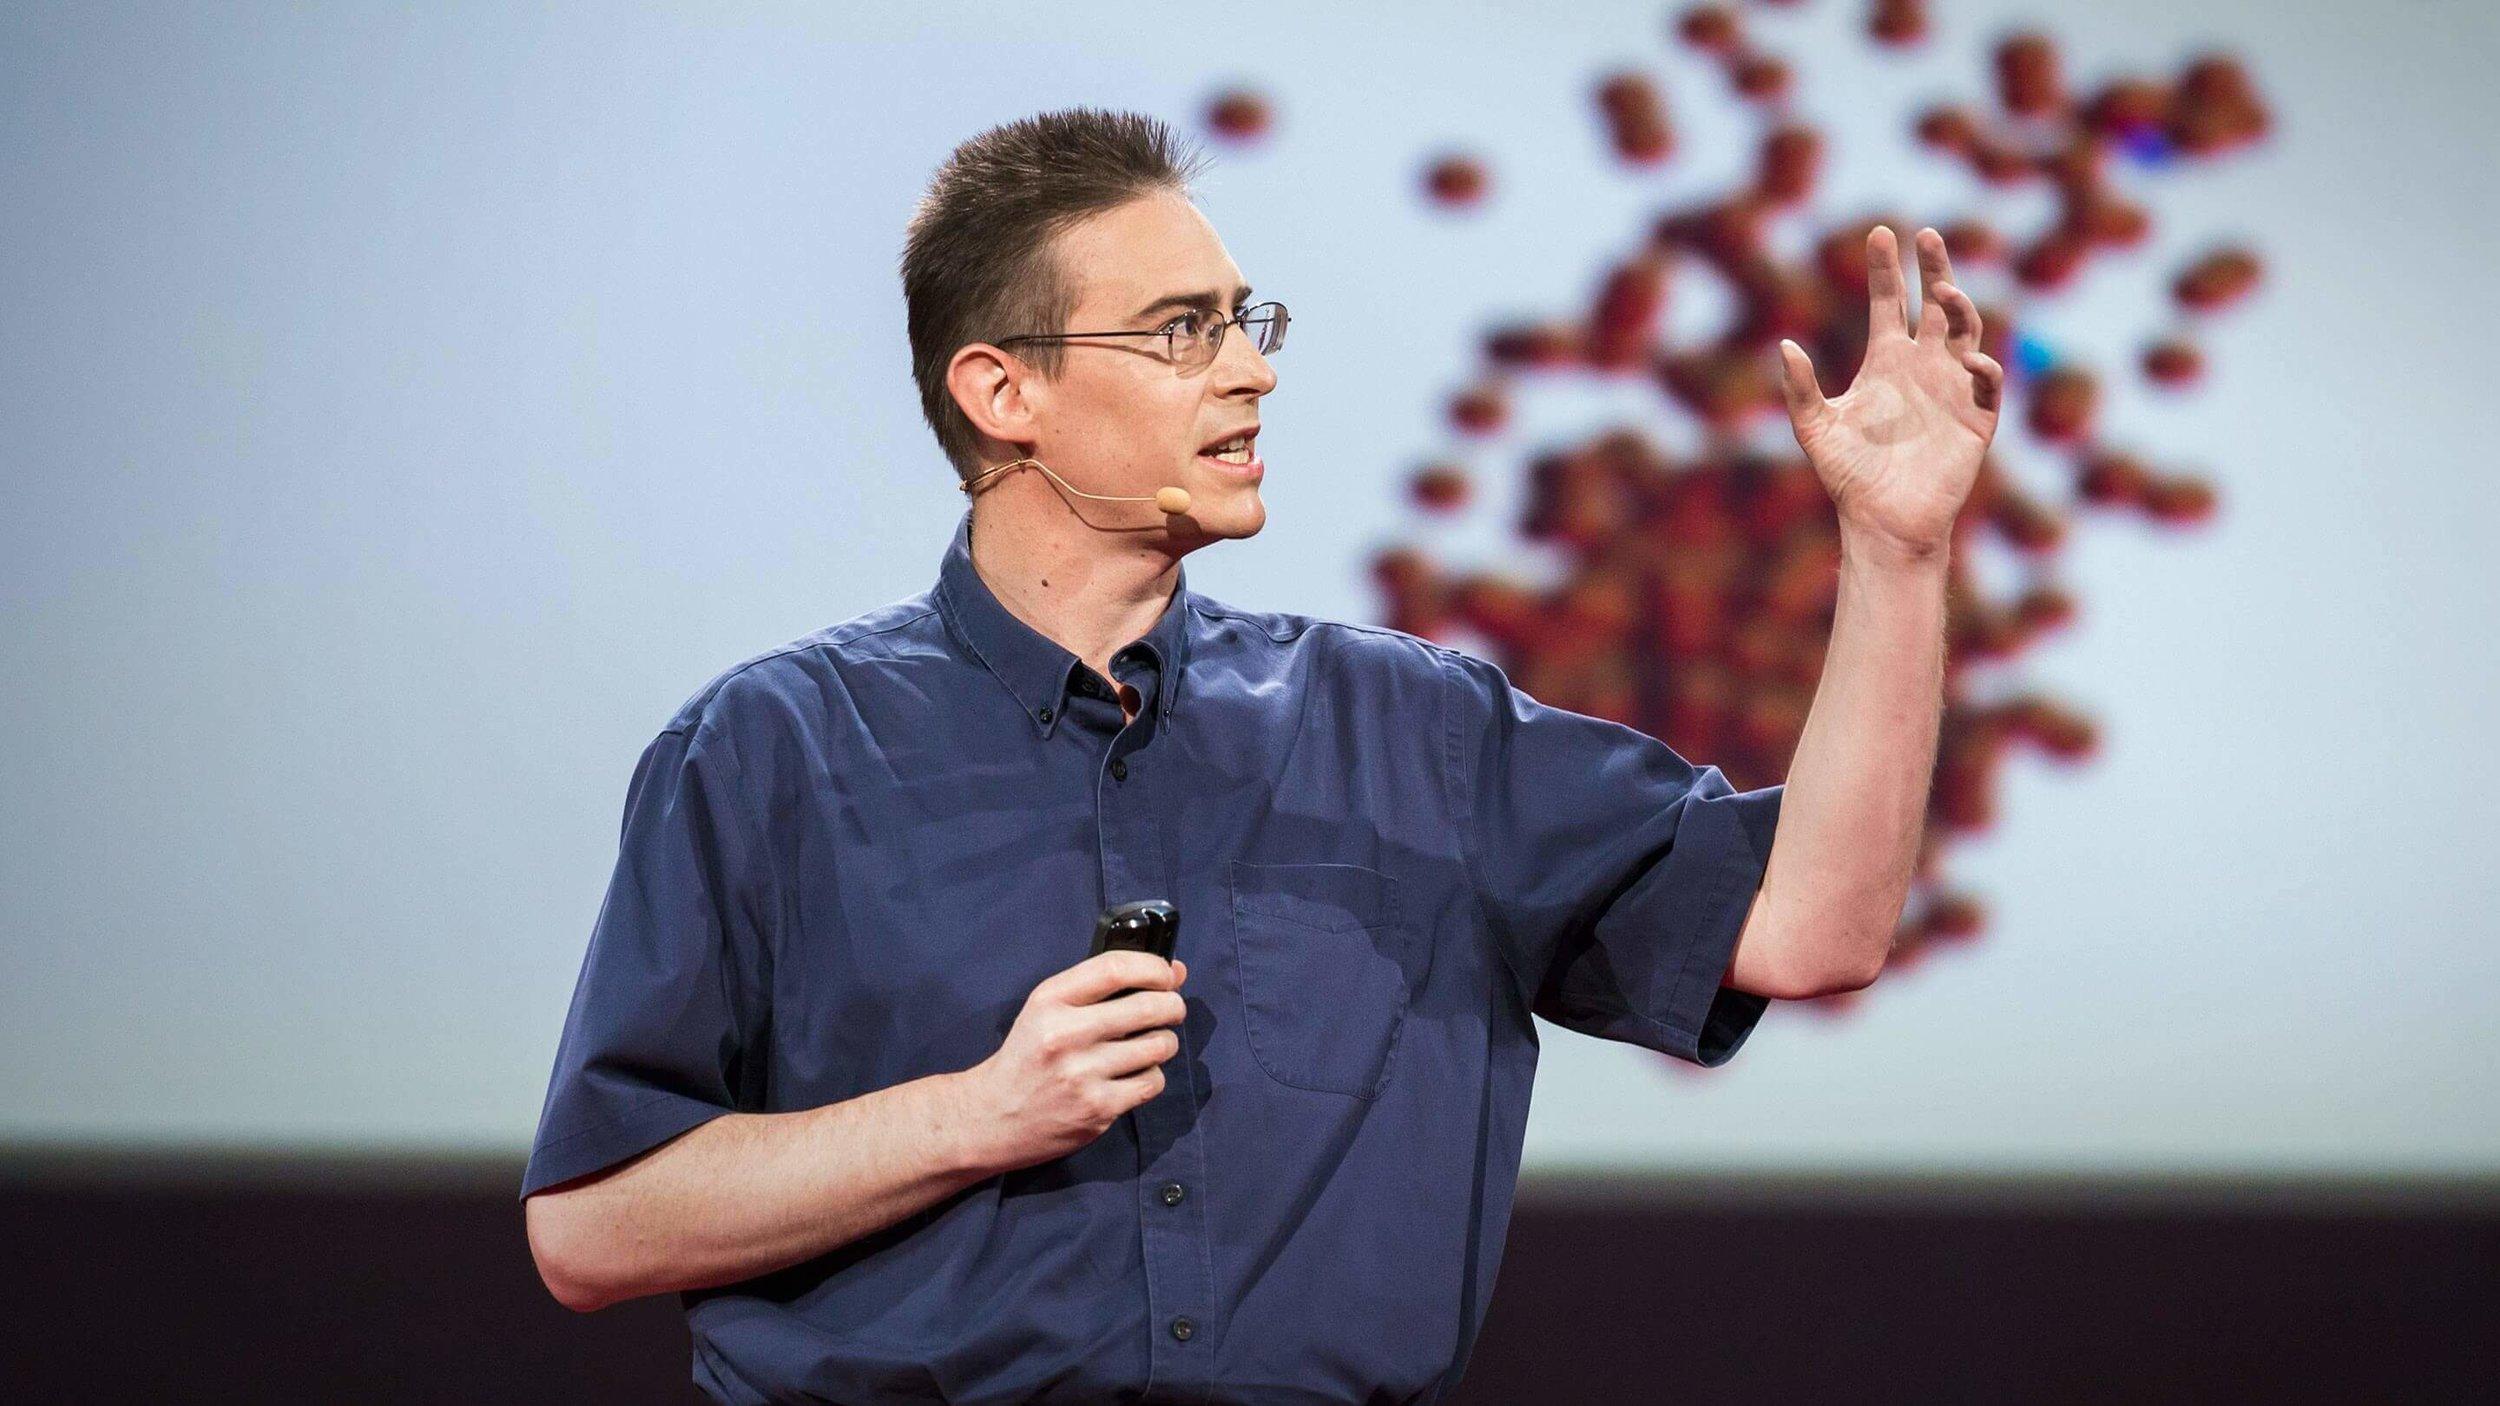 Rob-Knight-talk.jpg